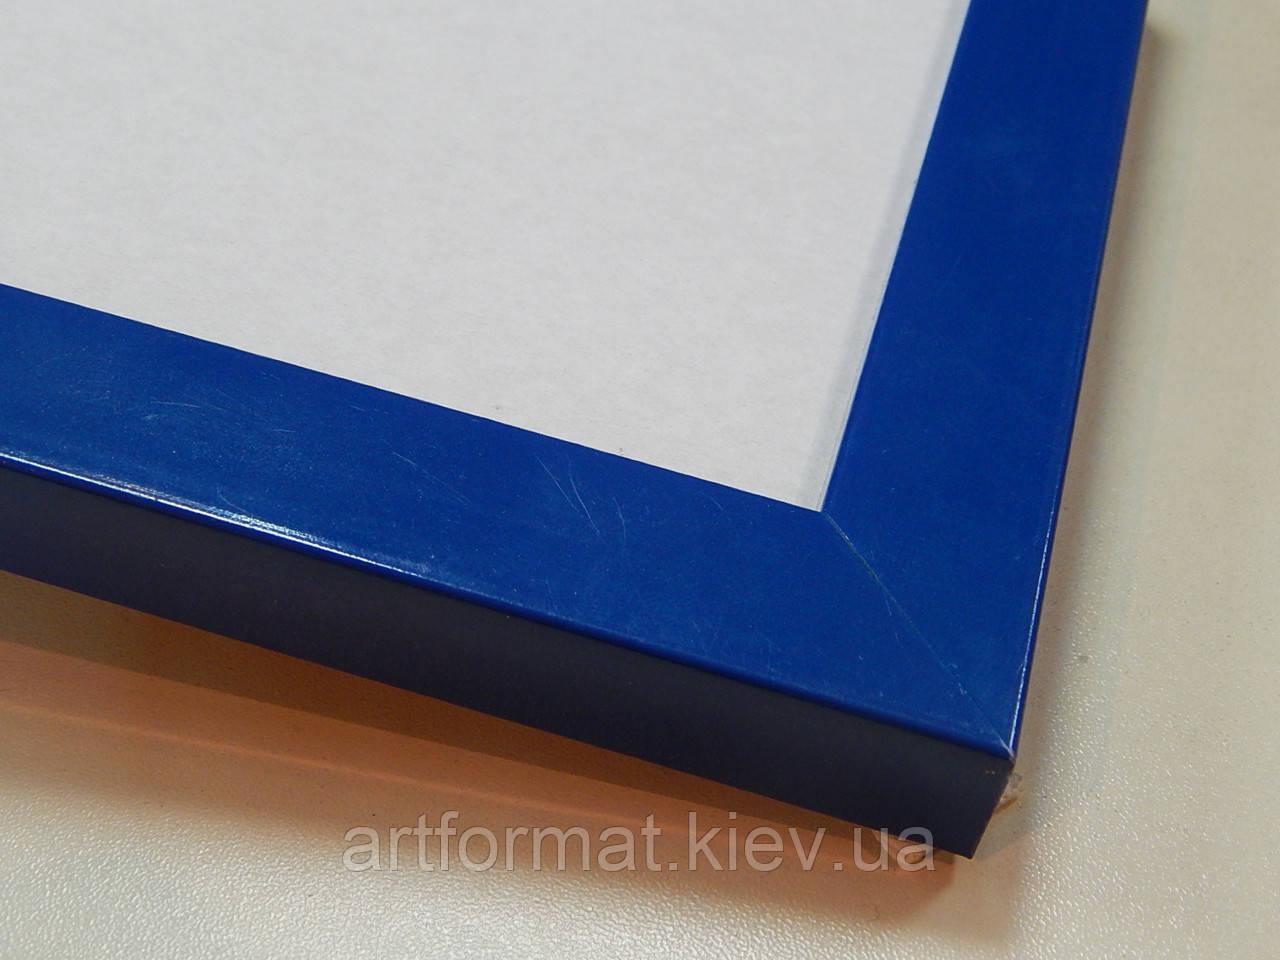 Рамка А2 (420х594)Антибликовое стеклоПрофиль 22 мм.Синий полуматовый